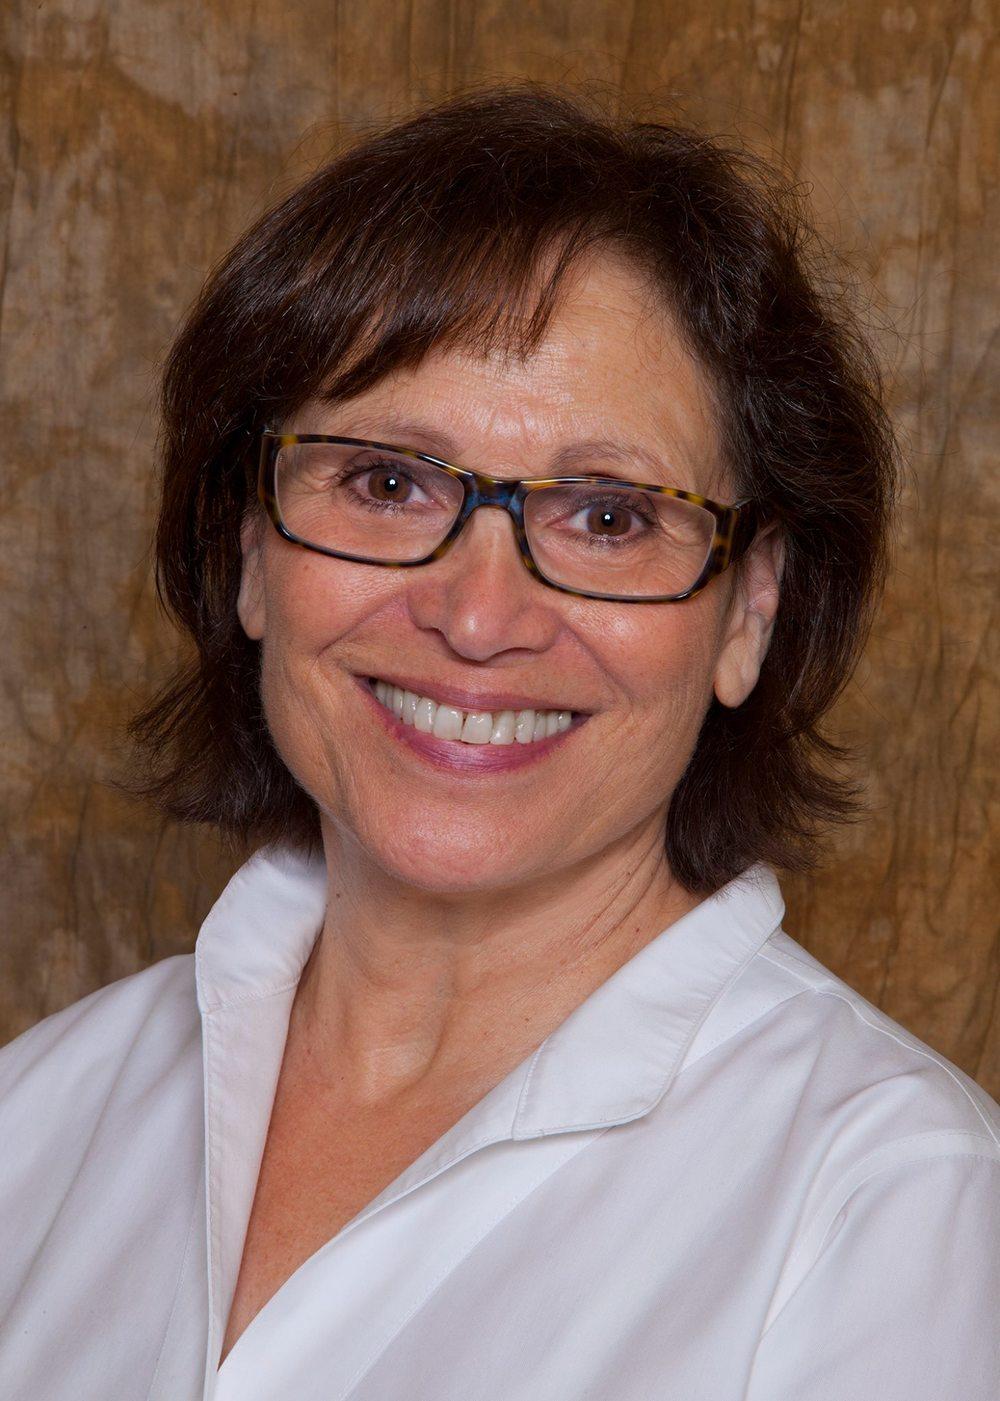 Abby Belkin